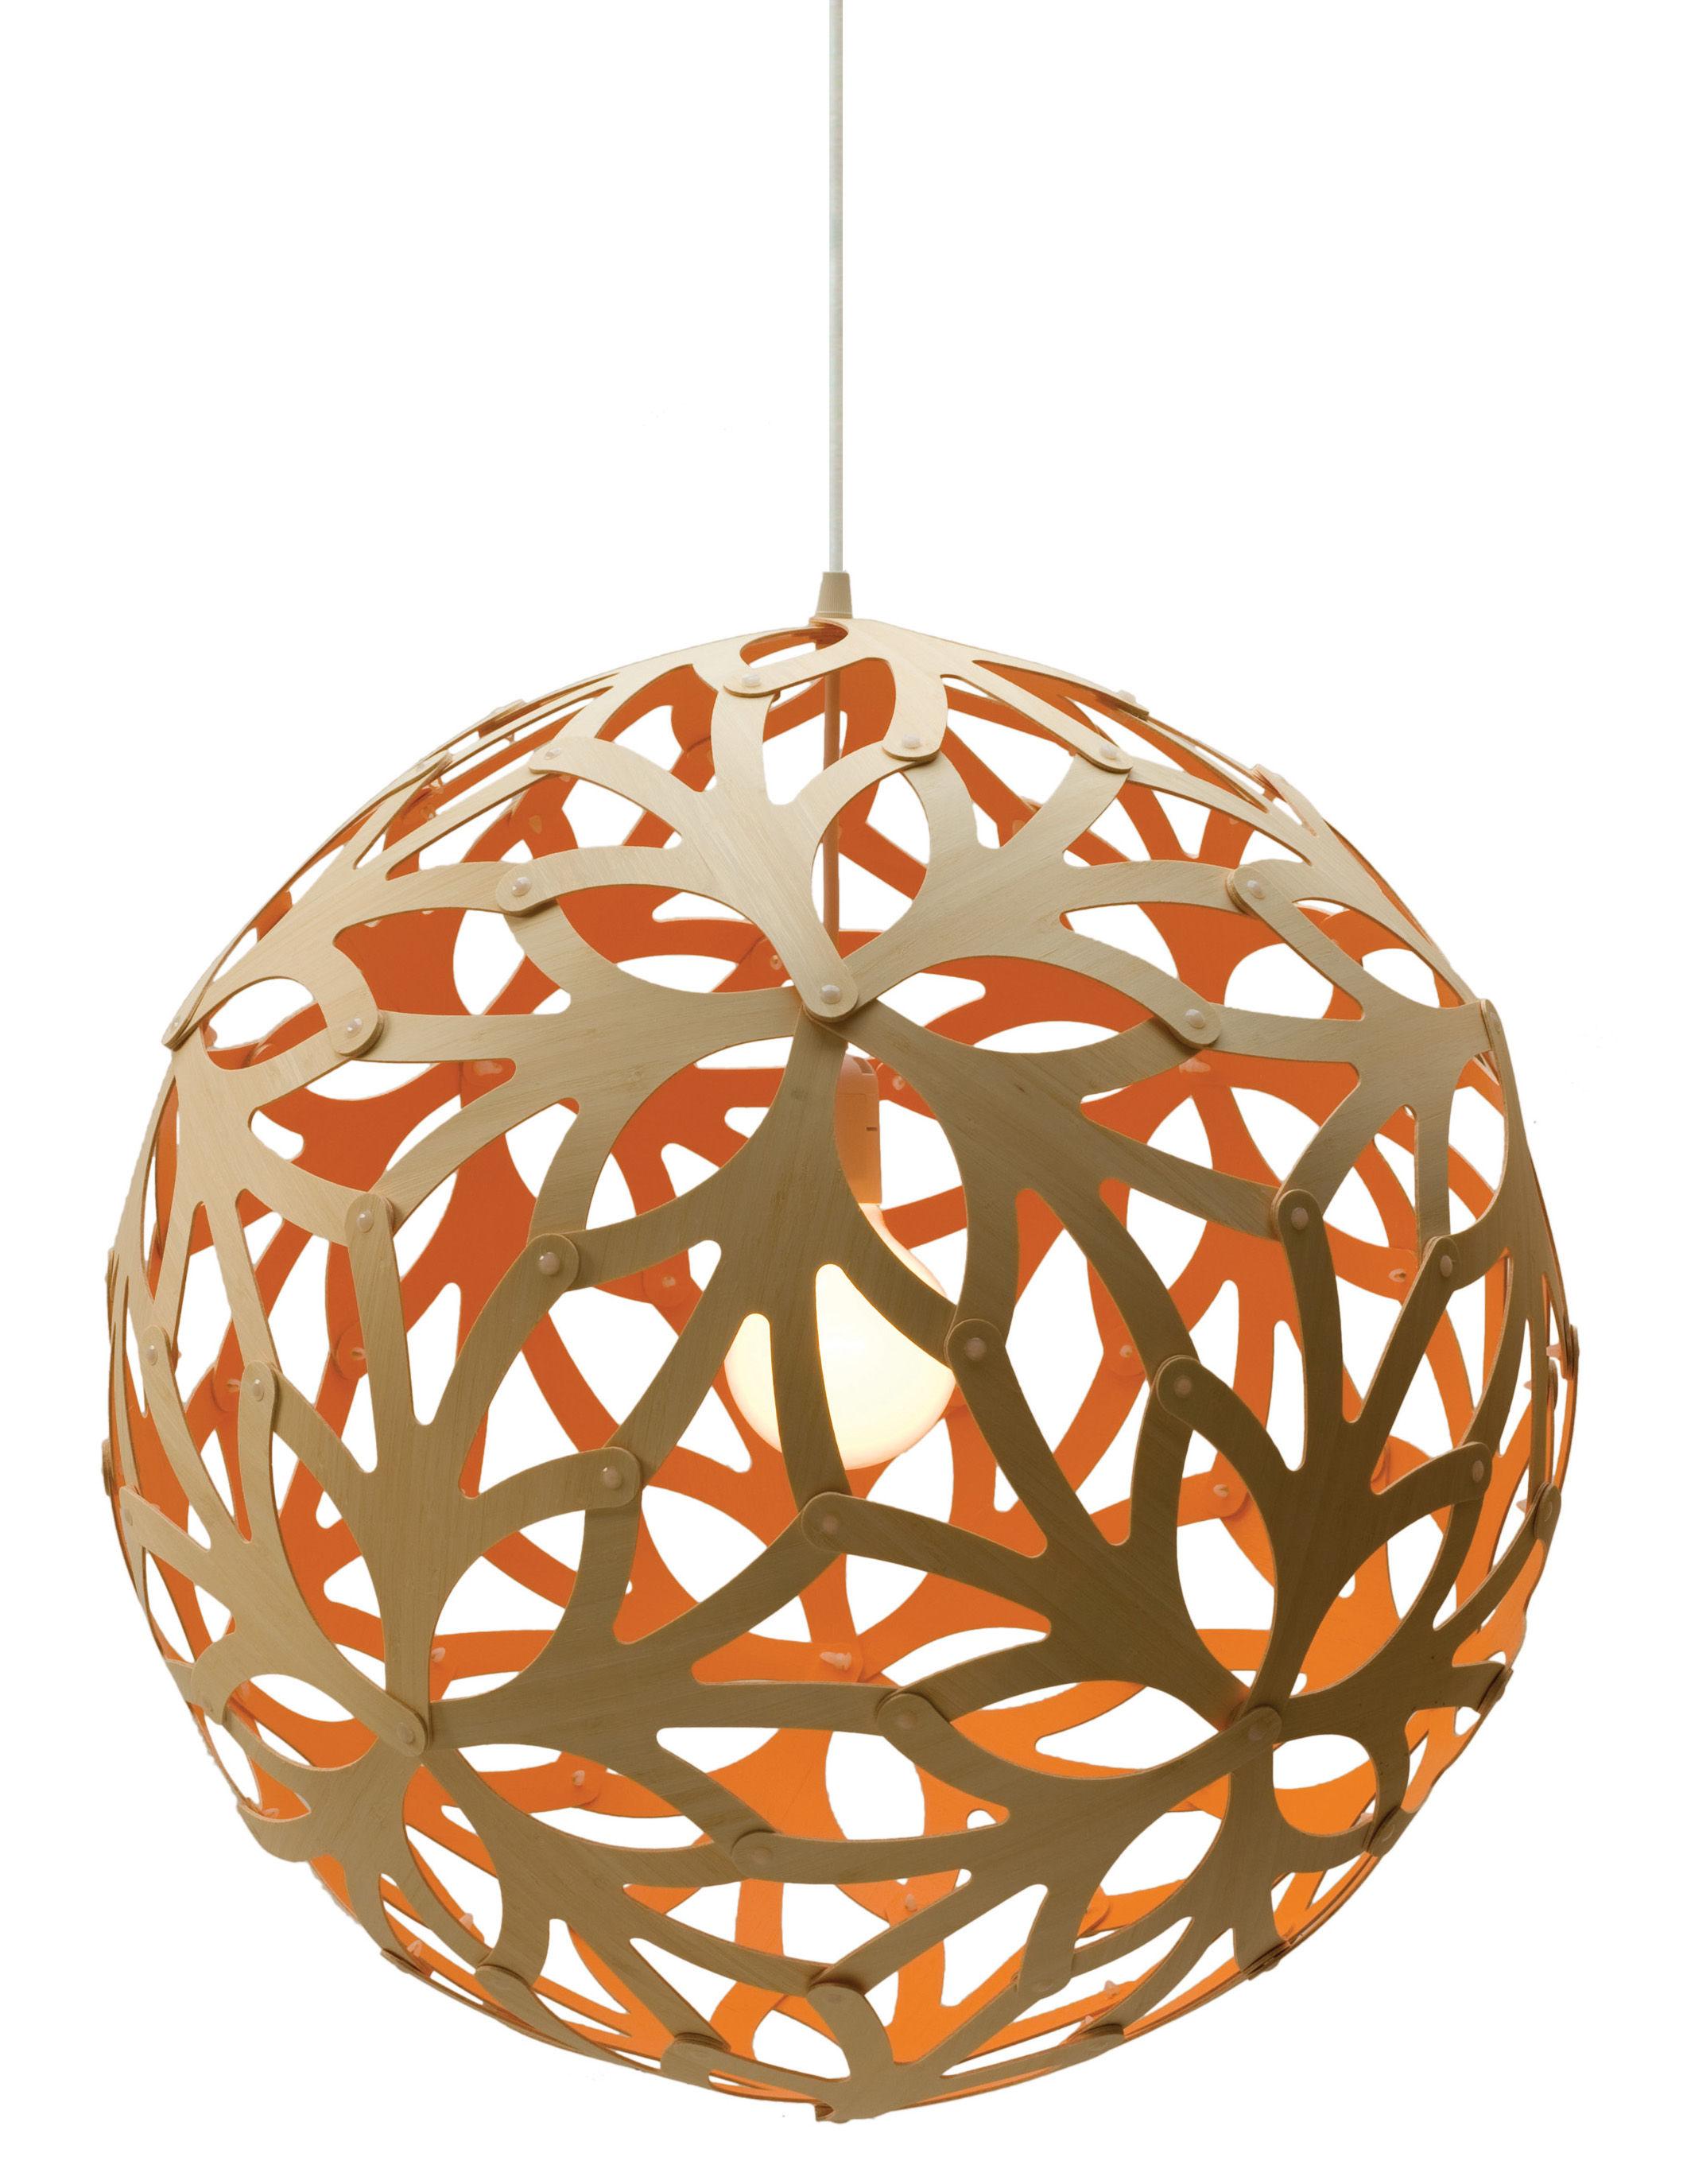 Leuchten - Pendelleuchten - Floral Pendelleuchte Ø 60 cm - Zweifarbig - Exklusiv - David Trubridge - Orange / Holz natur - Kiefer